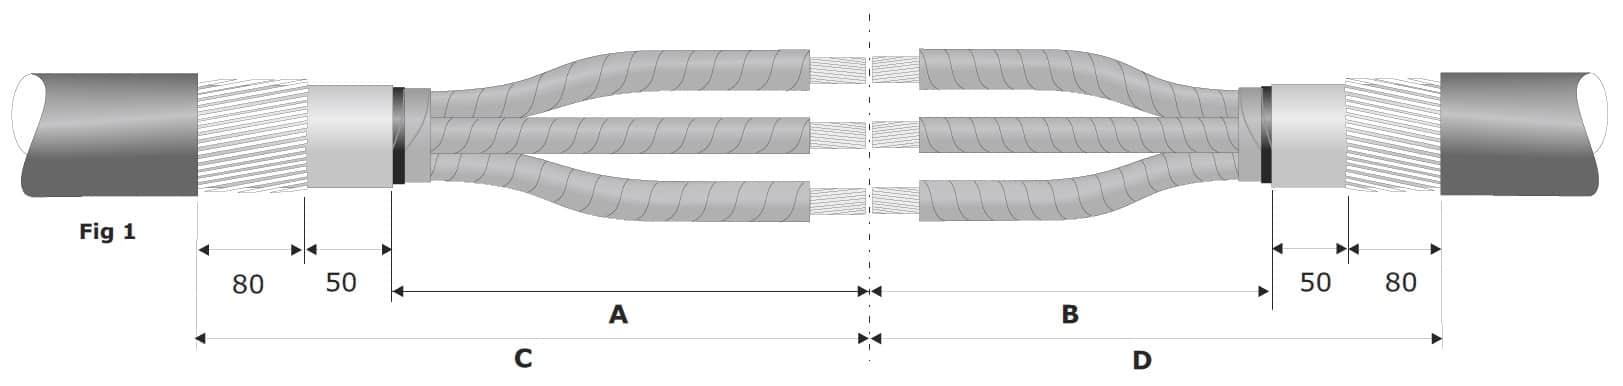 11kV Joint PILC Cable 3 Core - Cable Preparation